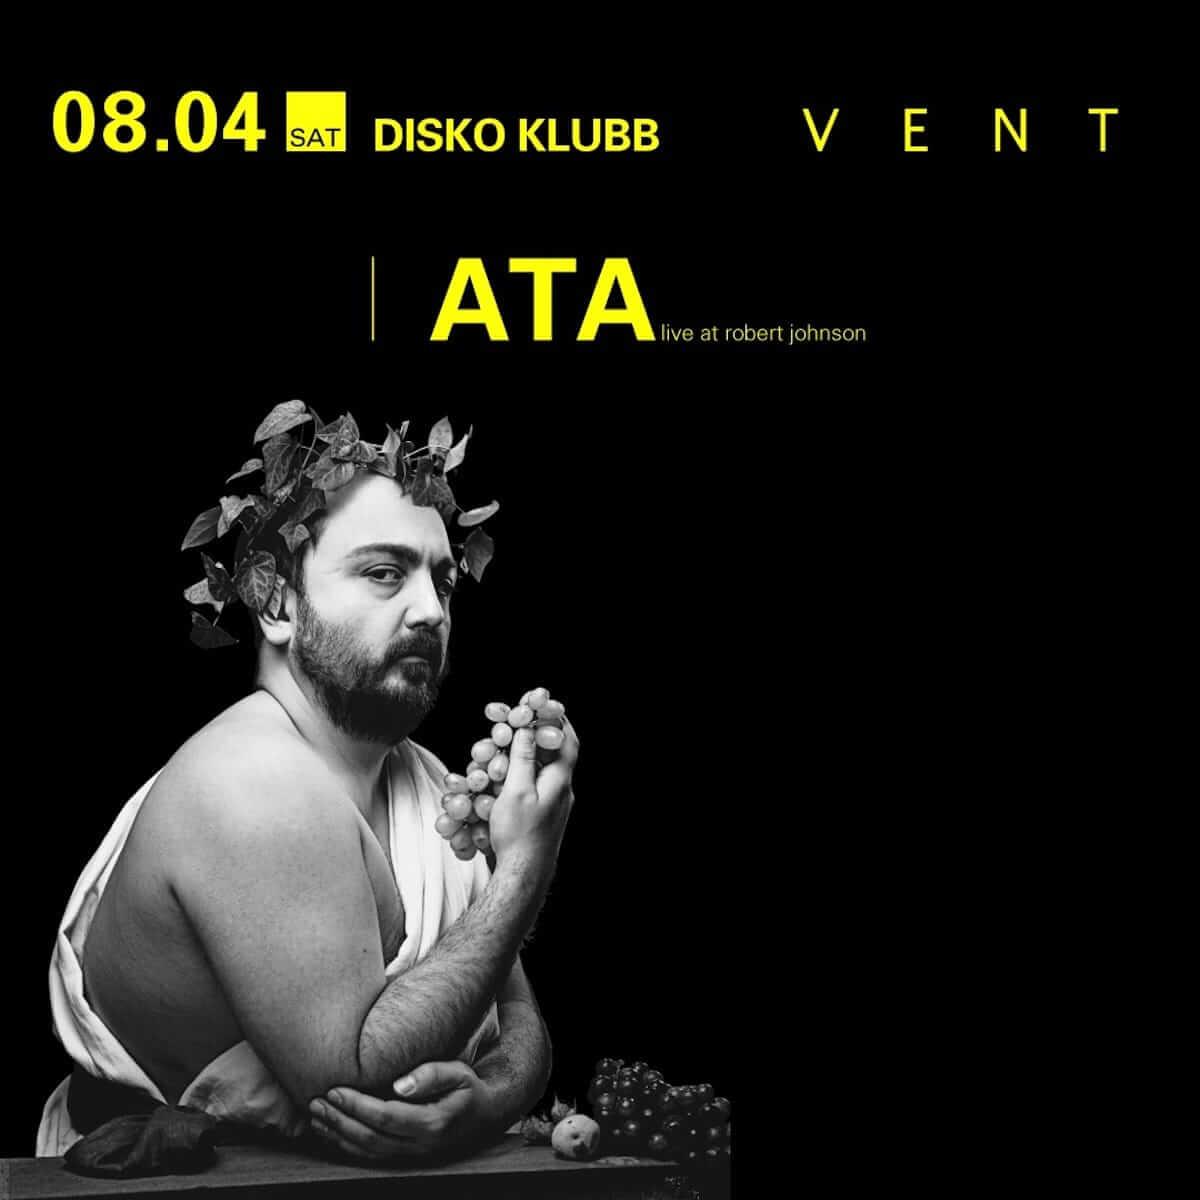 ヨーロッパのエレクトロニック・ミュージックシーンのゴッドファーザー・ATAがMONKEY TIMERS主催「DISKO KLUBB」に登場 music180801-ata-2-1200x1200